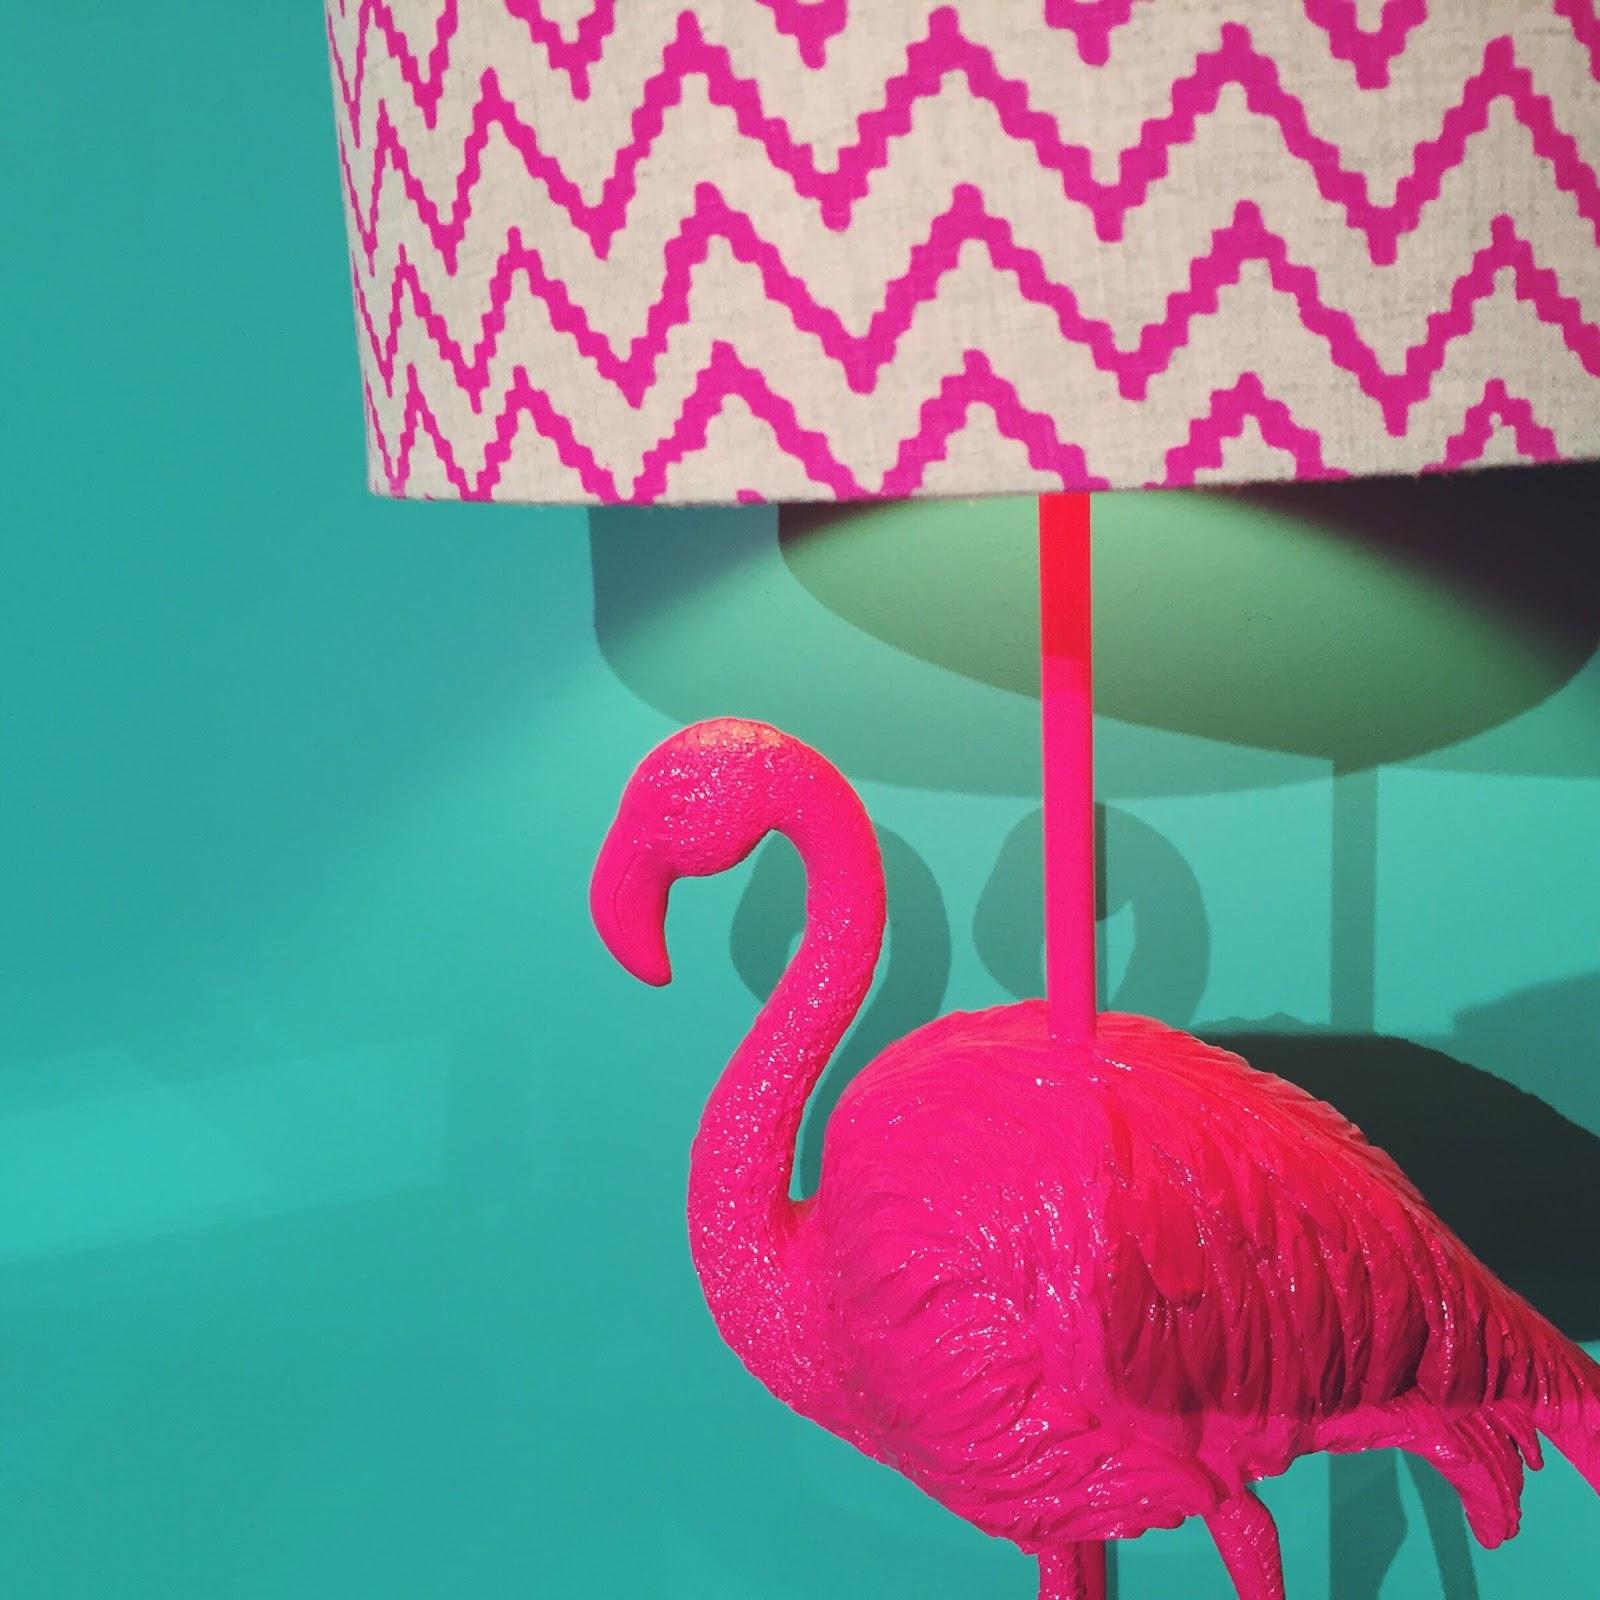 debenhams aw15 press day flamingo lamp